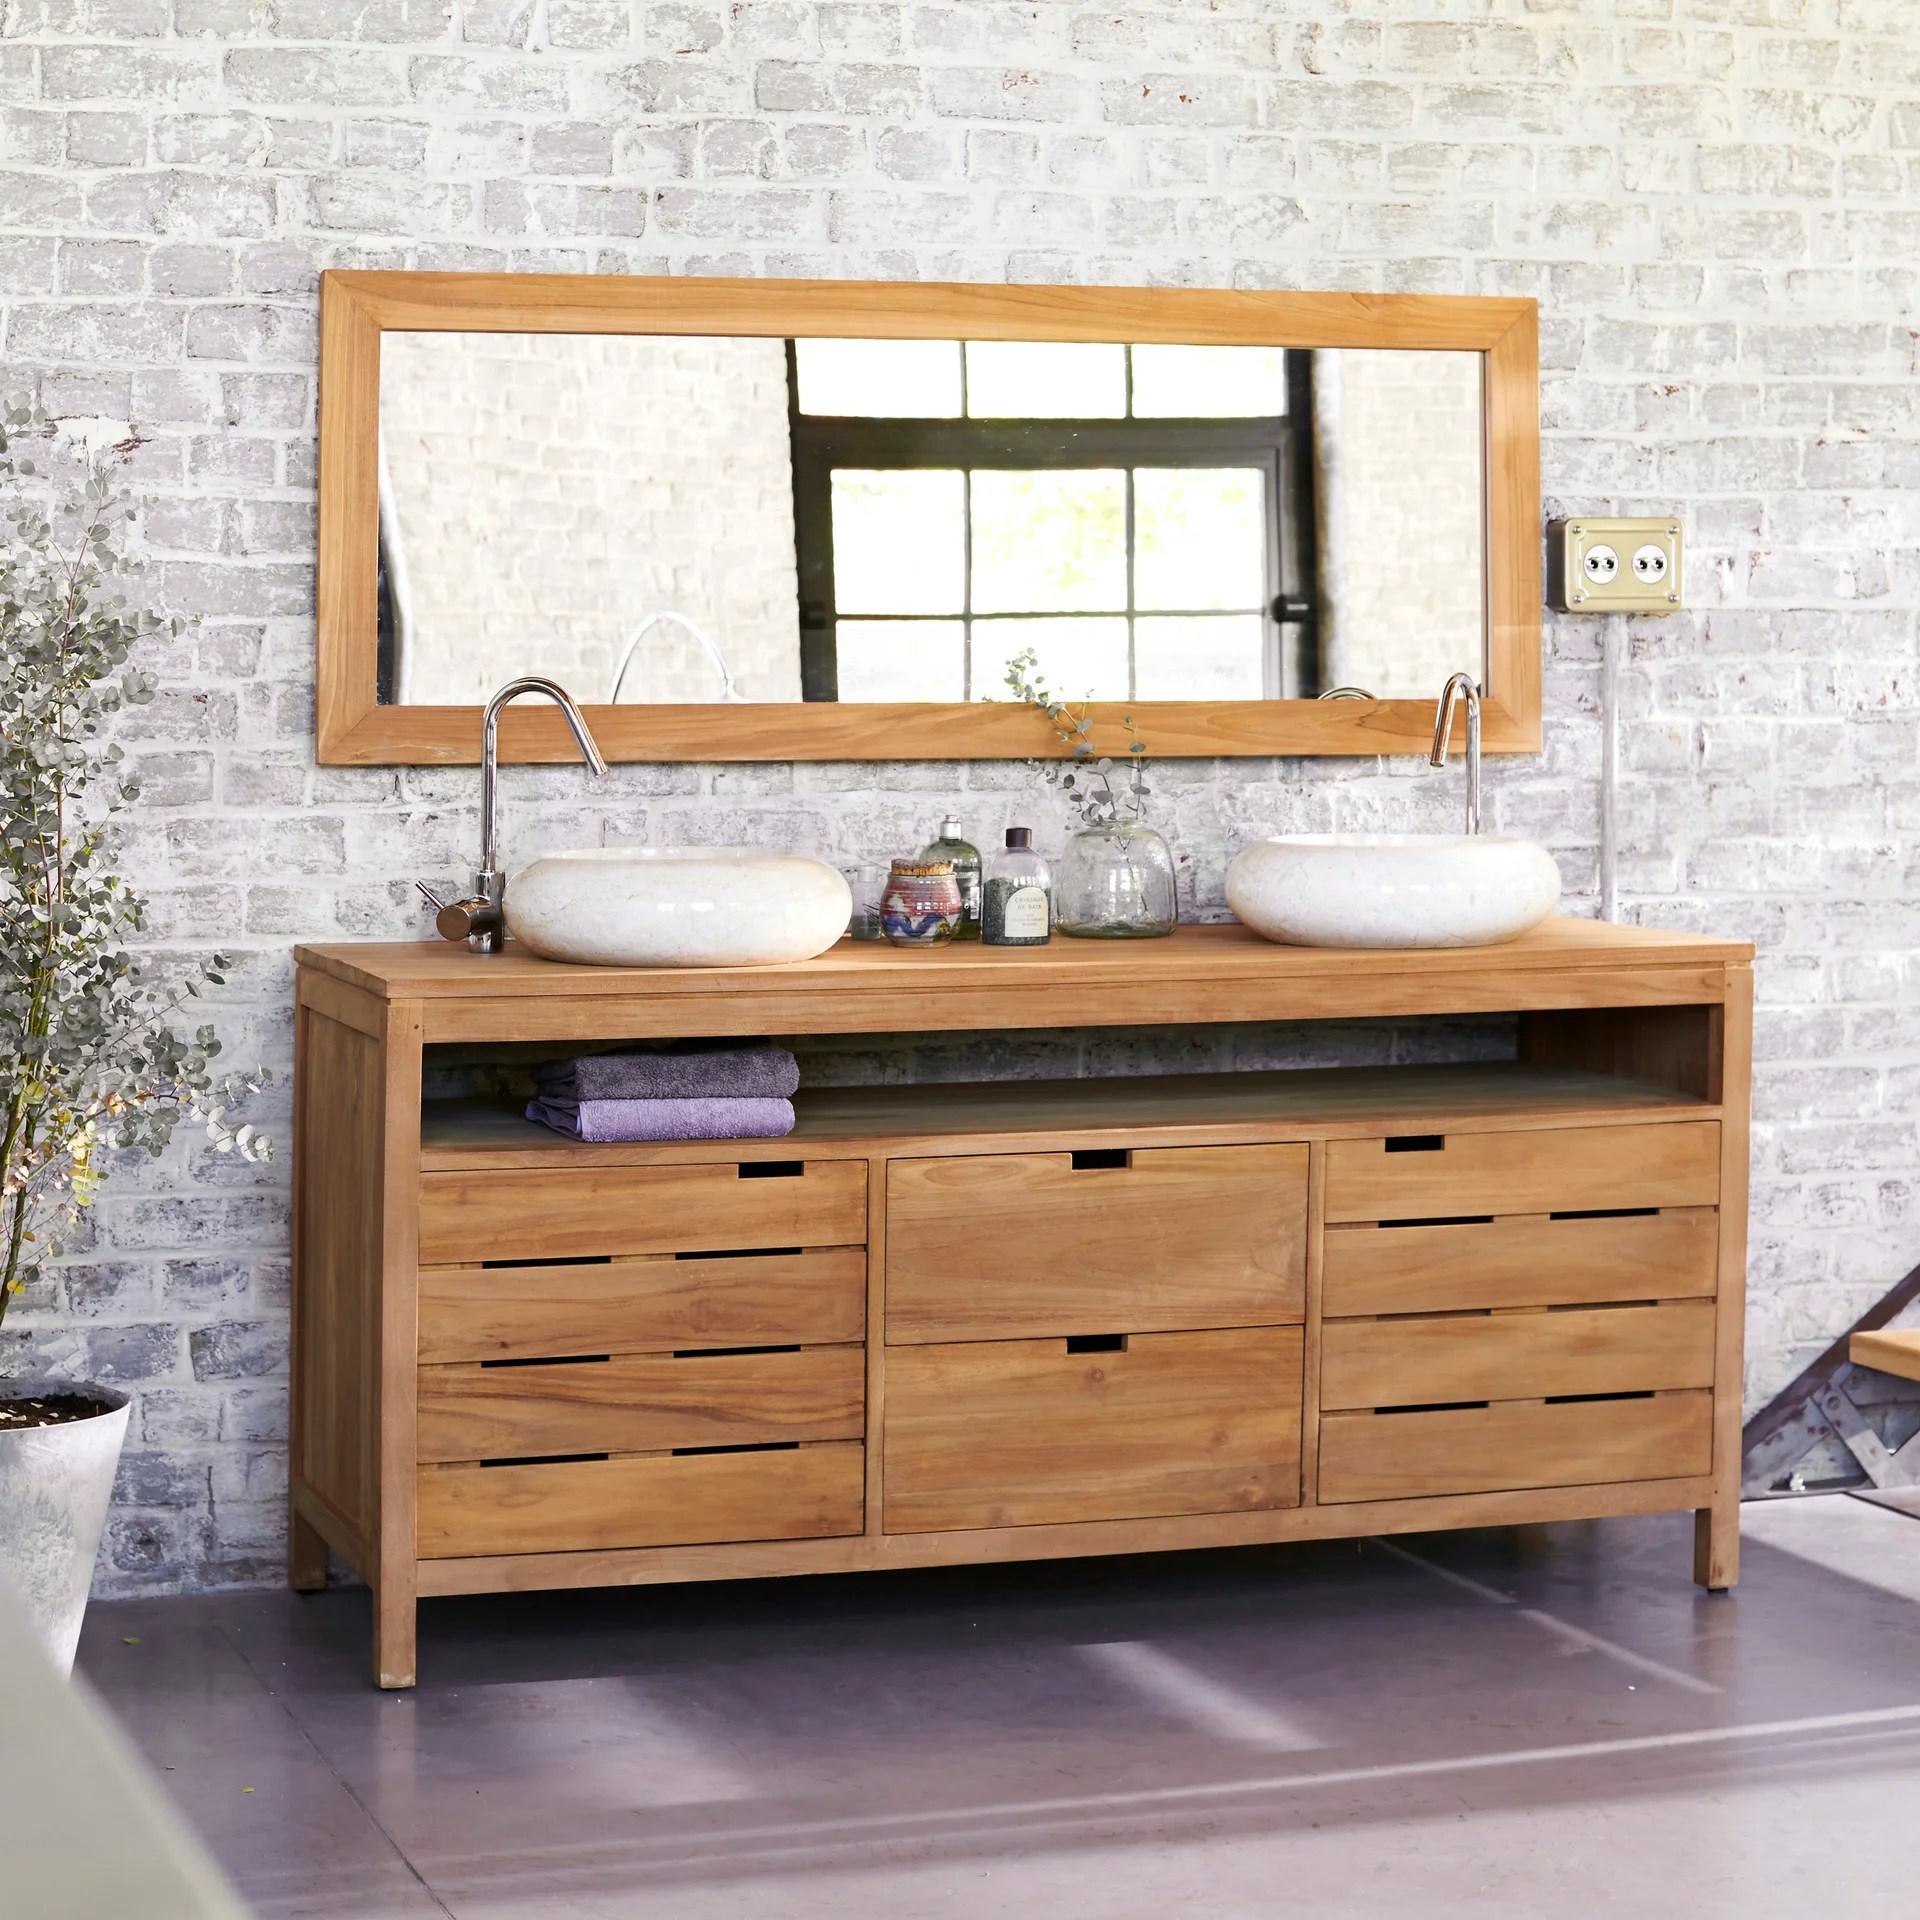 soldes meubles salle de bain aubade